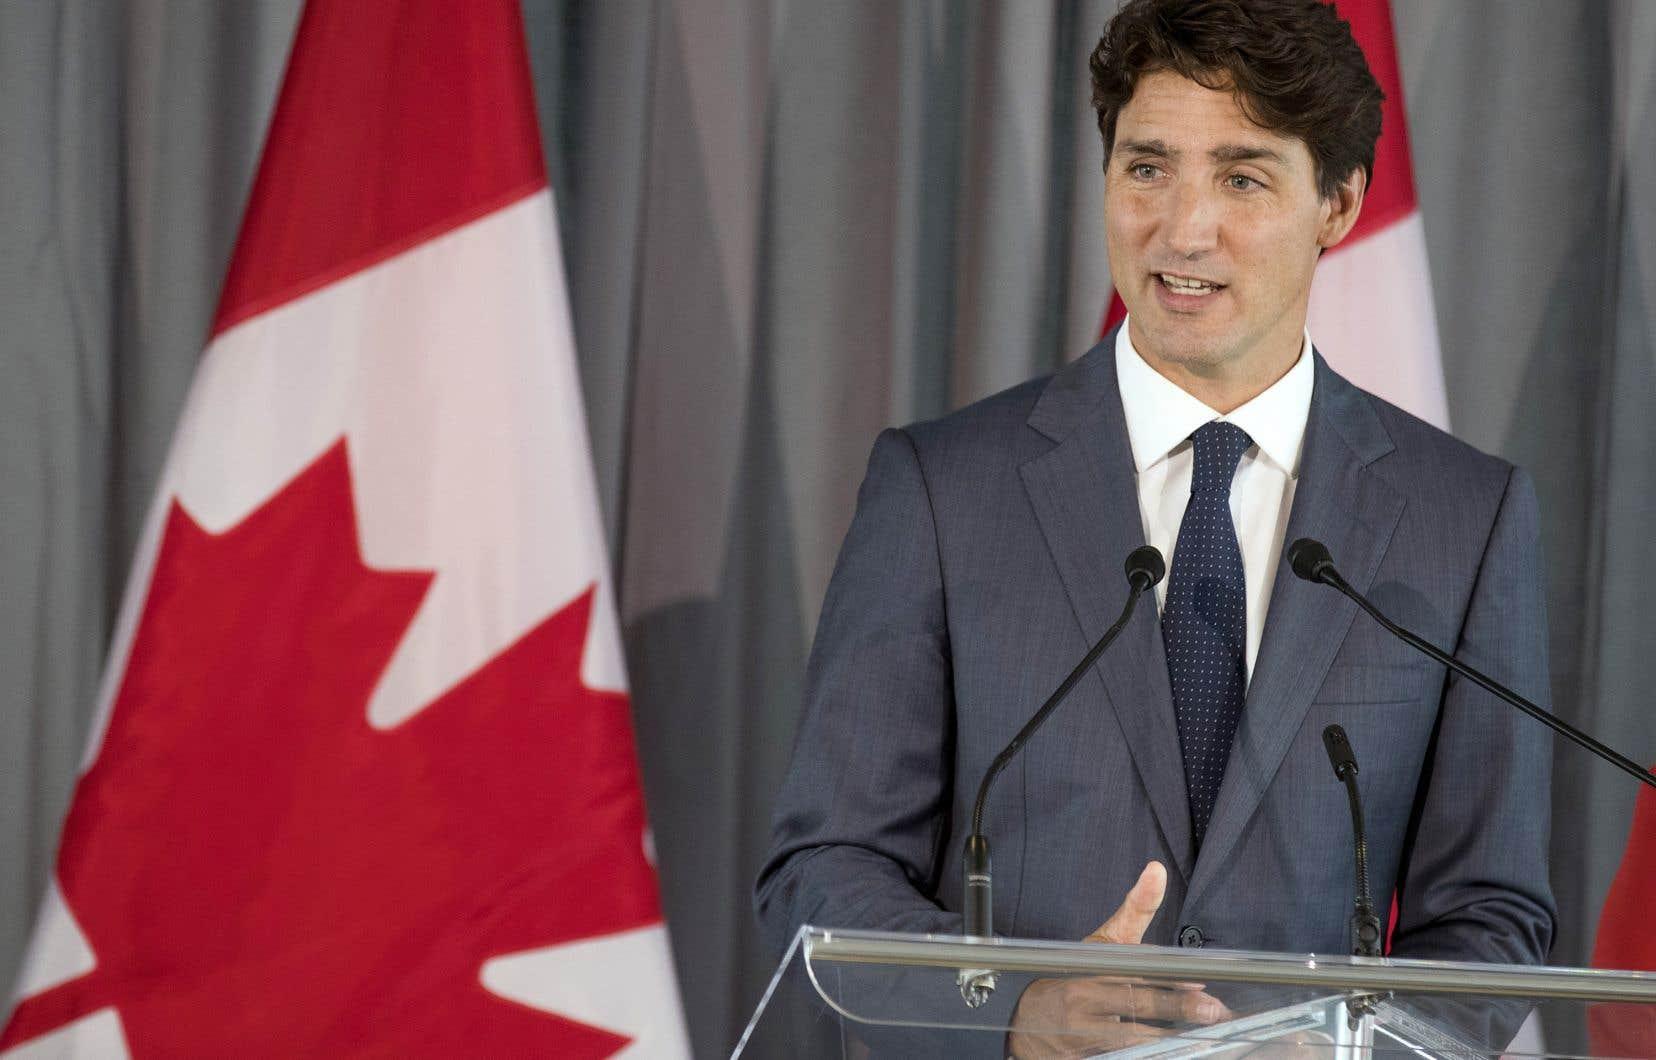 Lors d'un court point de presse, Justin Trudeau a par ailleurs annoncé qu'il allait continuer à défendre la gestion de l'offre.